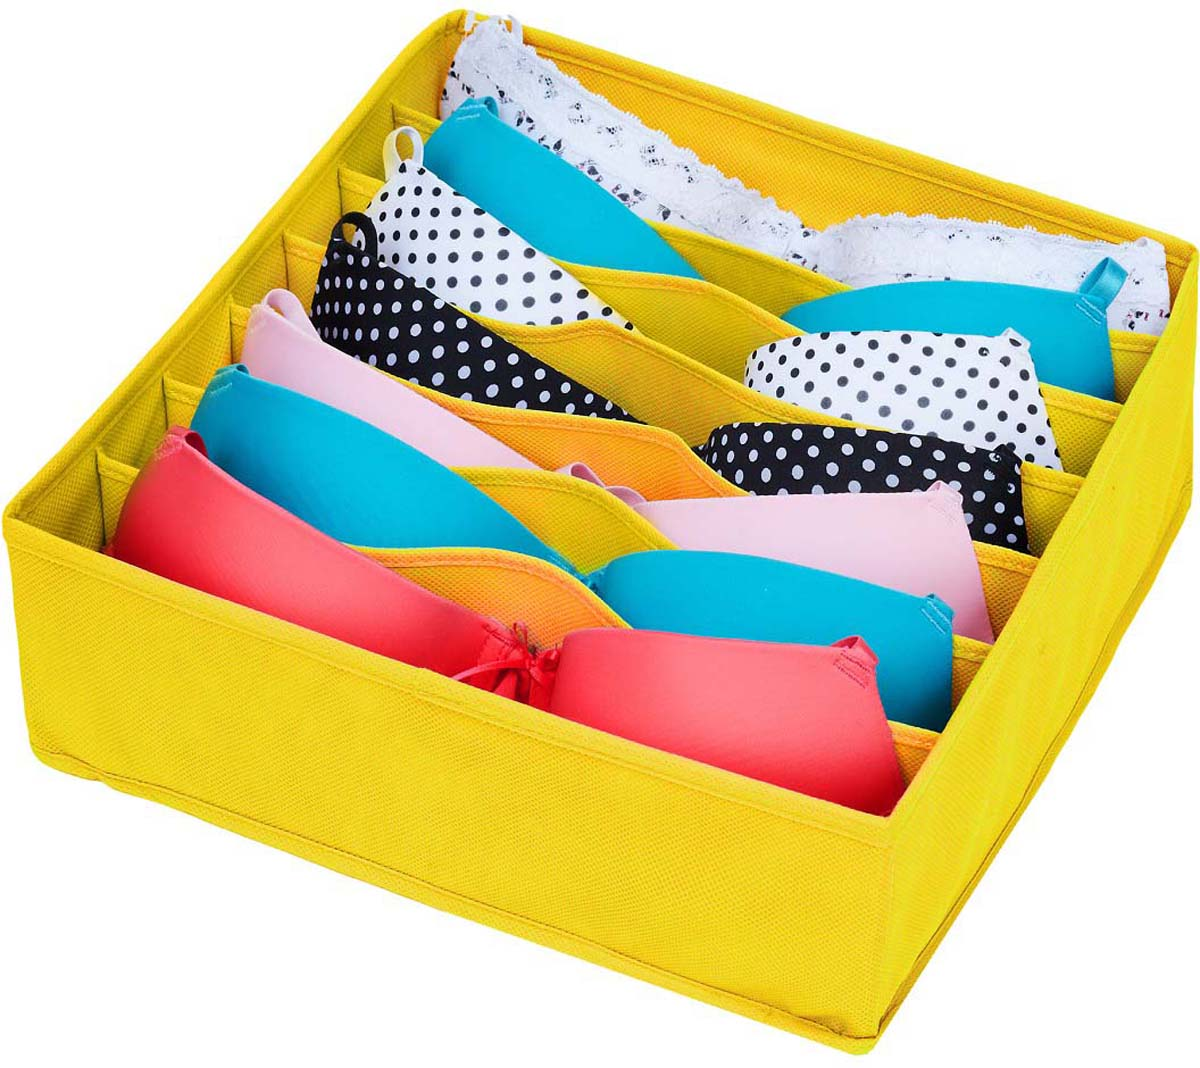 Этот органайзер специально придуман для хранения самой привлекательной, дорогой и красивой части женского интимного гардероба - бюстгальтера.